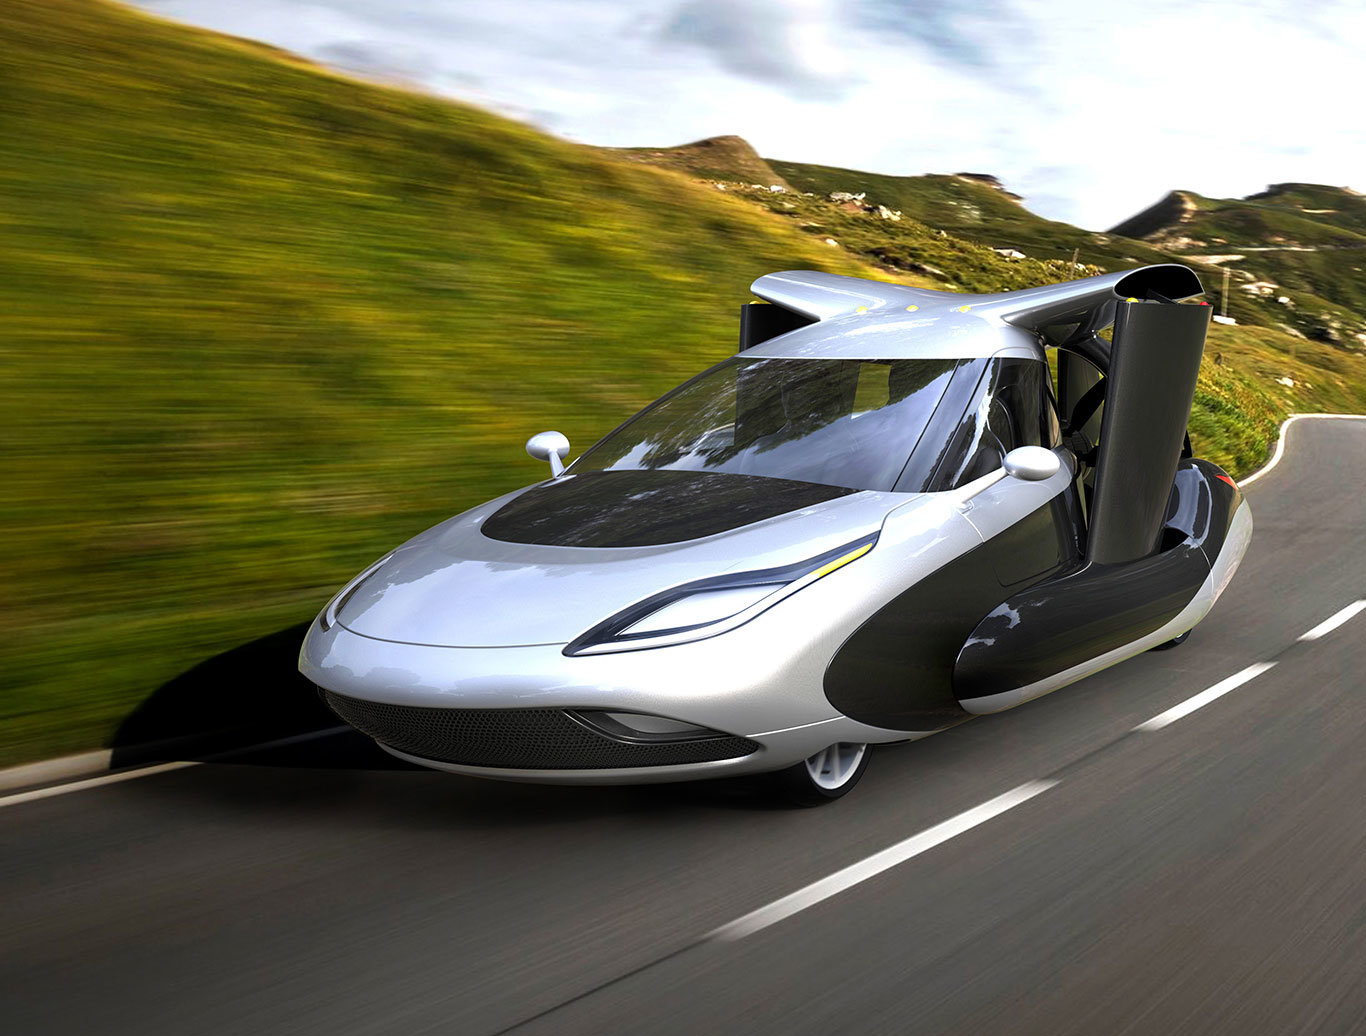 Koncept létajících vozů budoucnosti, Terrafugia TF-X